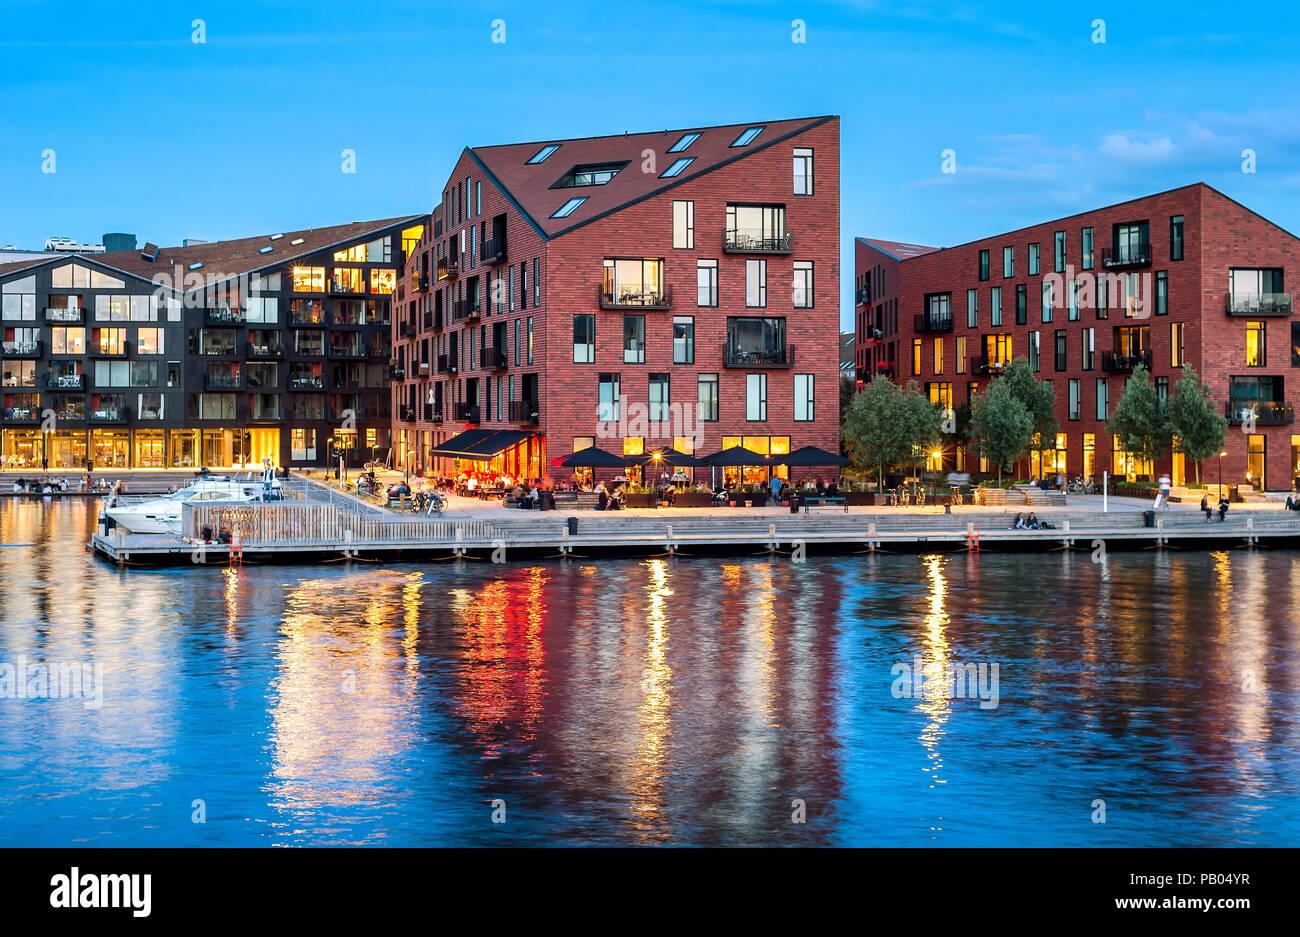 Kroyers Plads bâtiments d'architecture moderne design par remblai illuminé la nuit, Copenhague, Danemark Banque D'Images